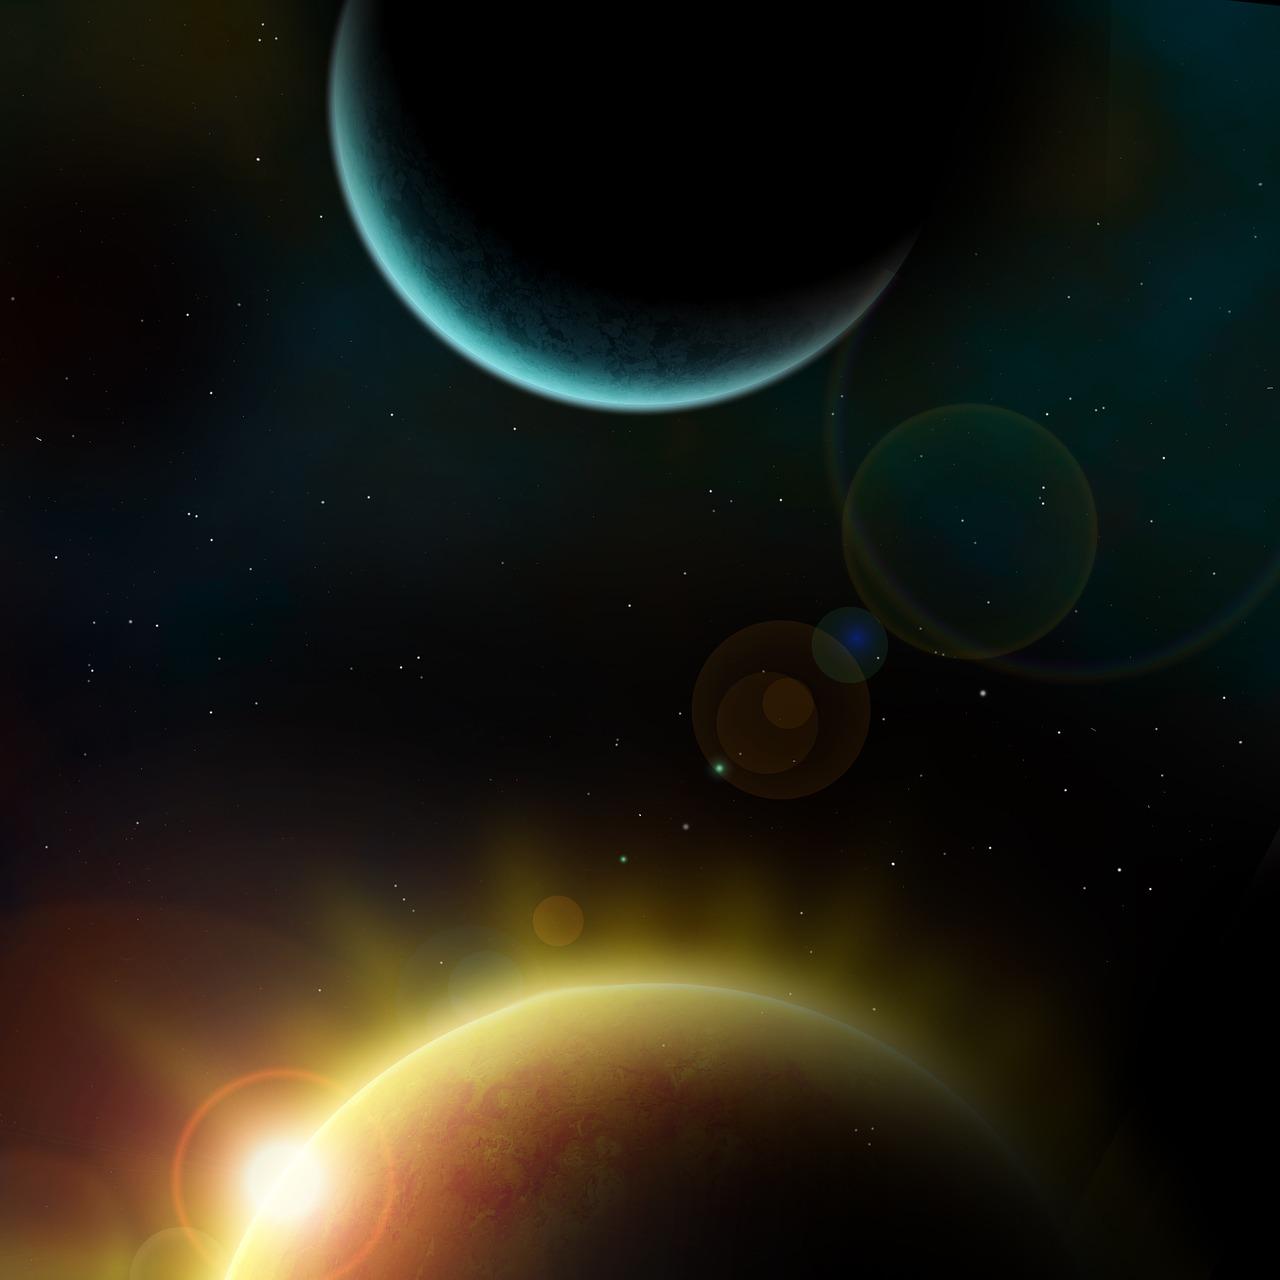 espaces planetes 18